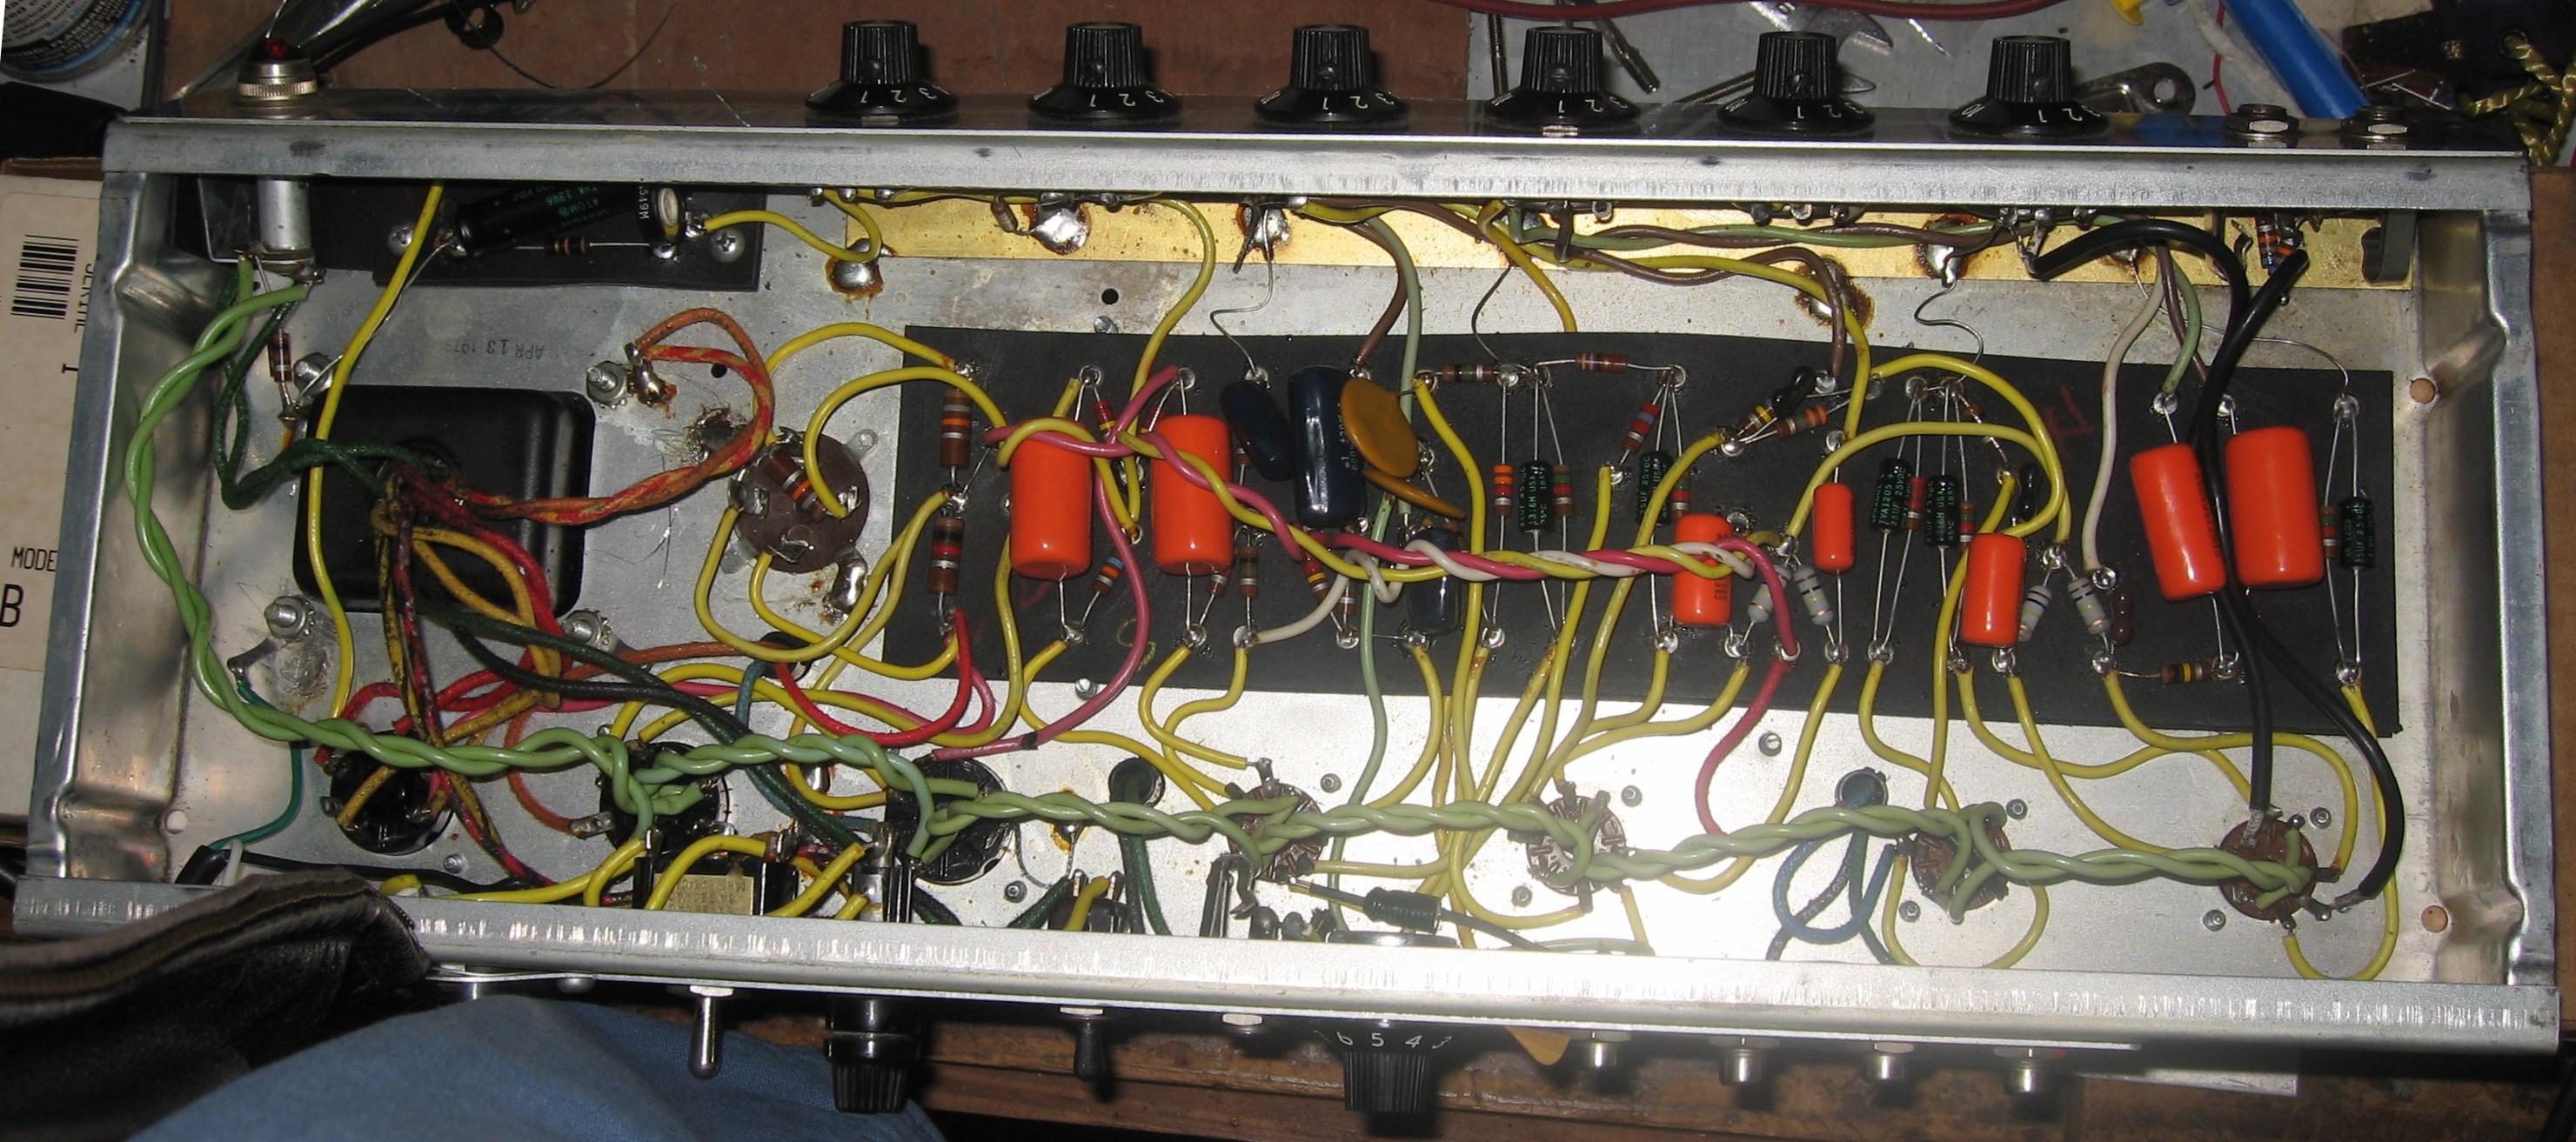 k  u0026 l tube works   1973 fender princeton reverb project